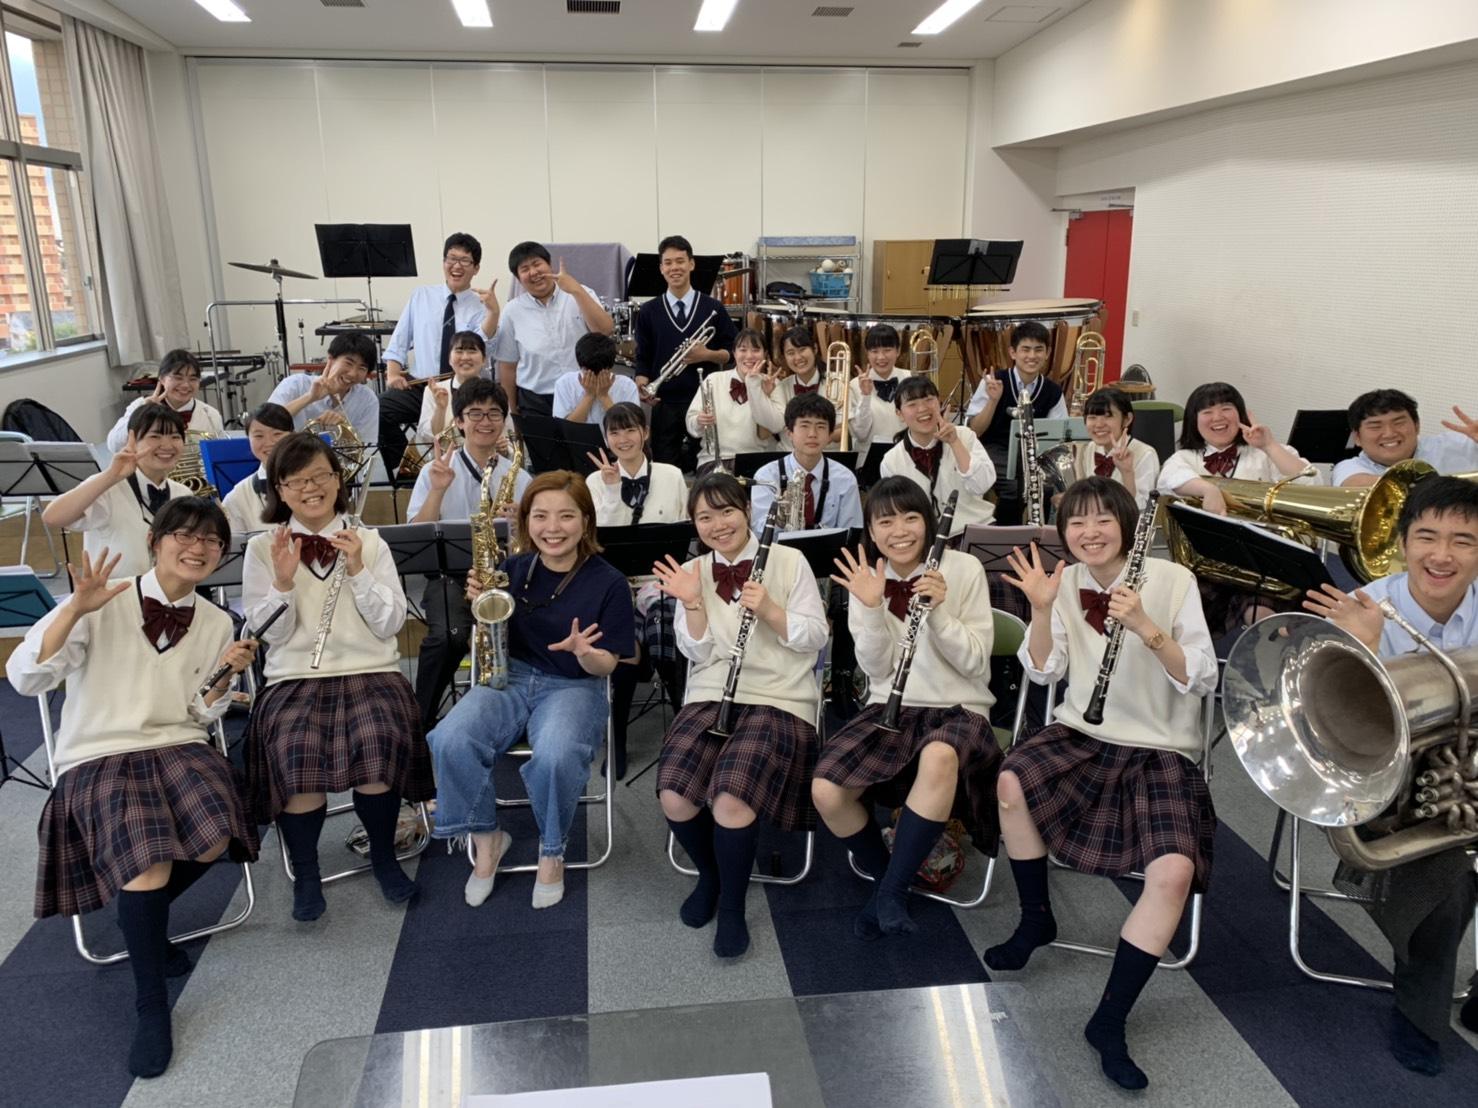 指導校のコンサートにソリストとして出演しました。